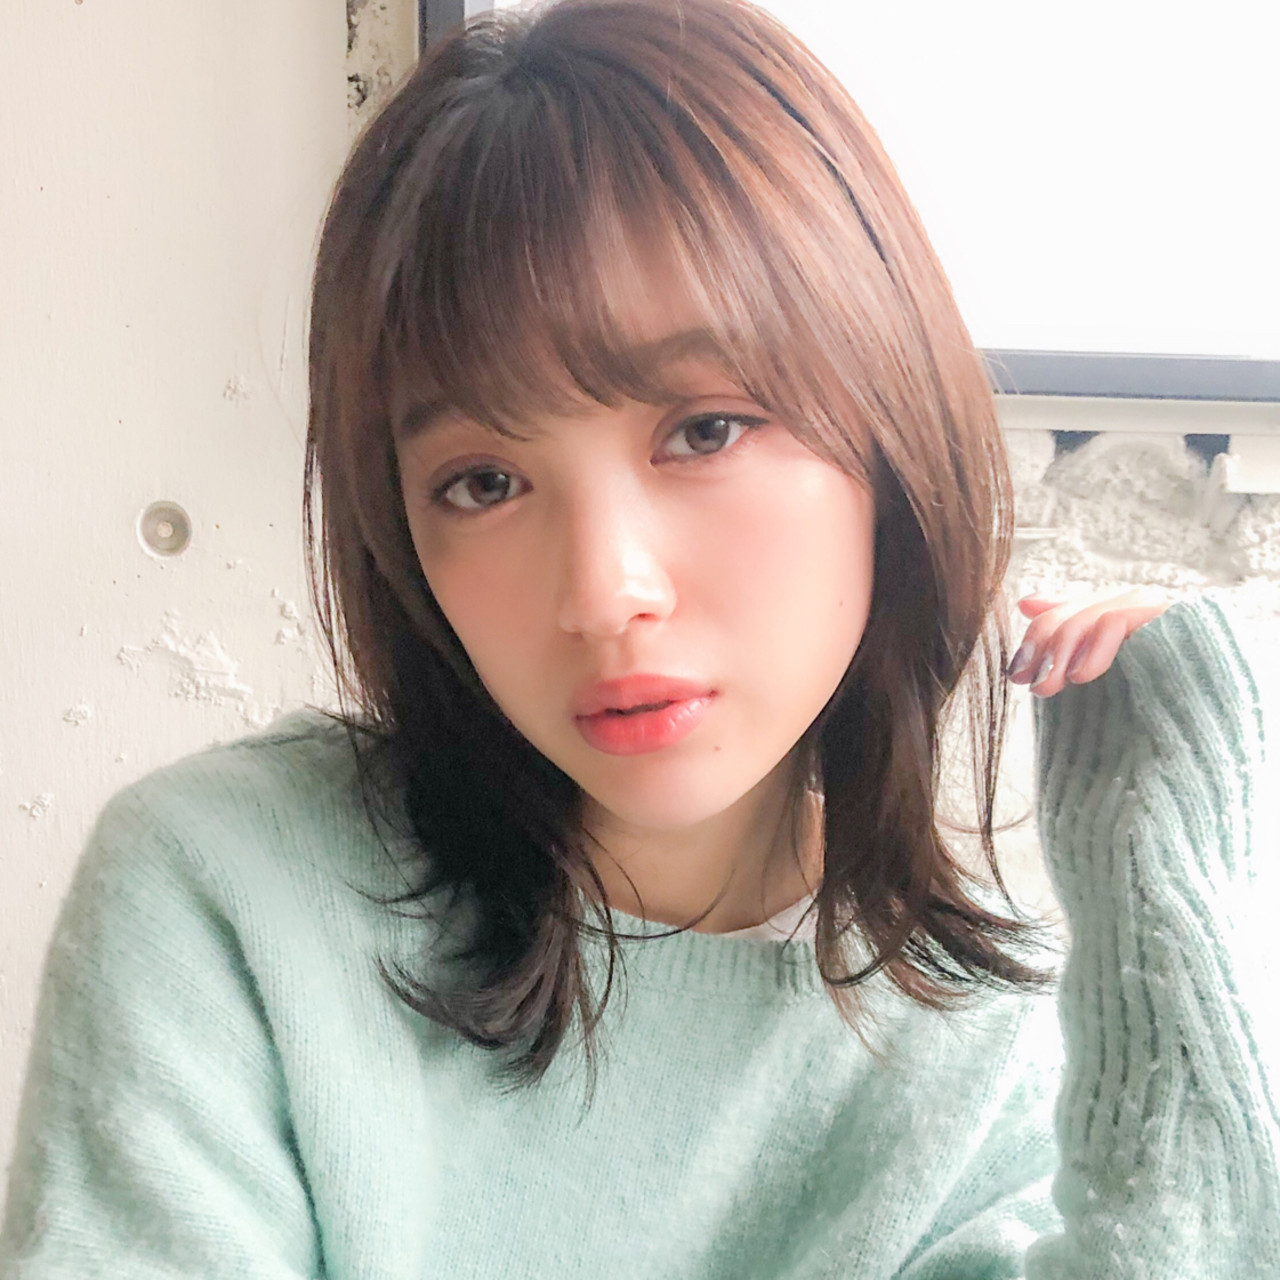 フェミニン デジタルパーマ ミディアム 毛先パーマ ヘアスタイルや髪型の写真・画像